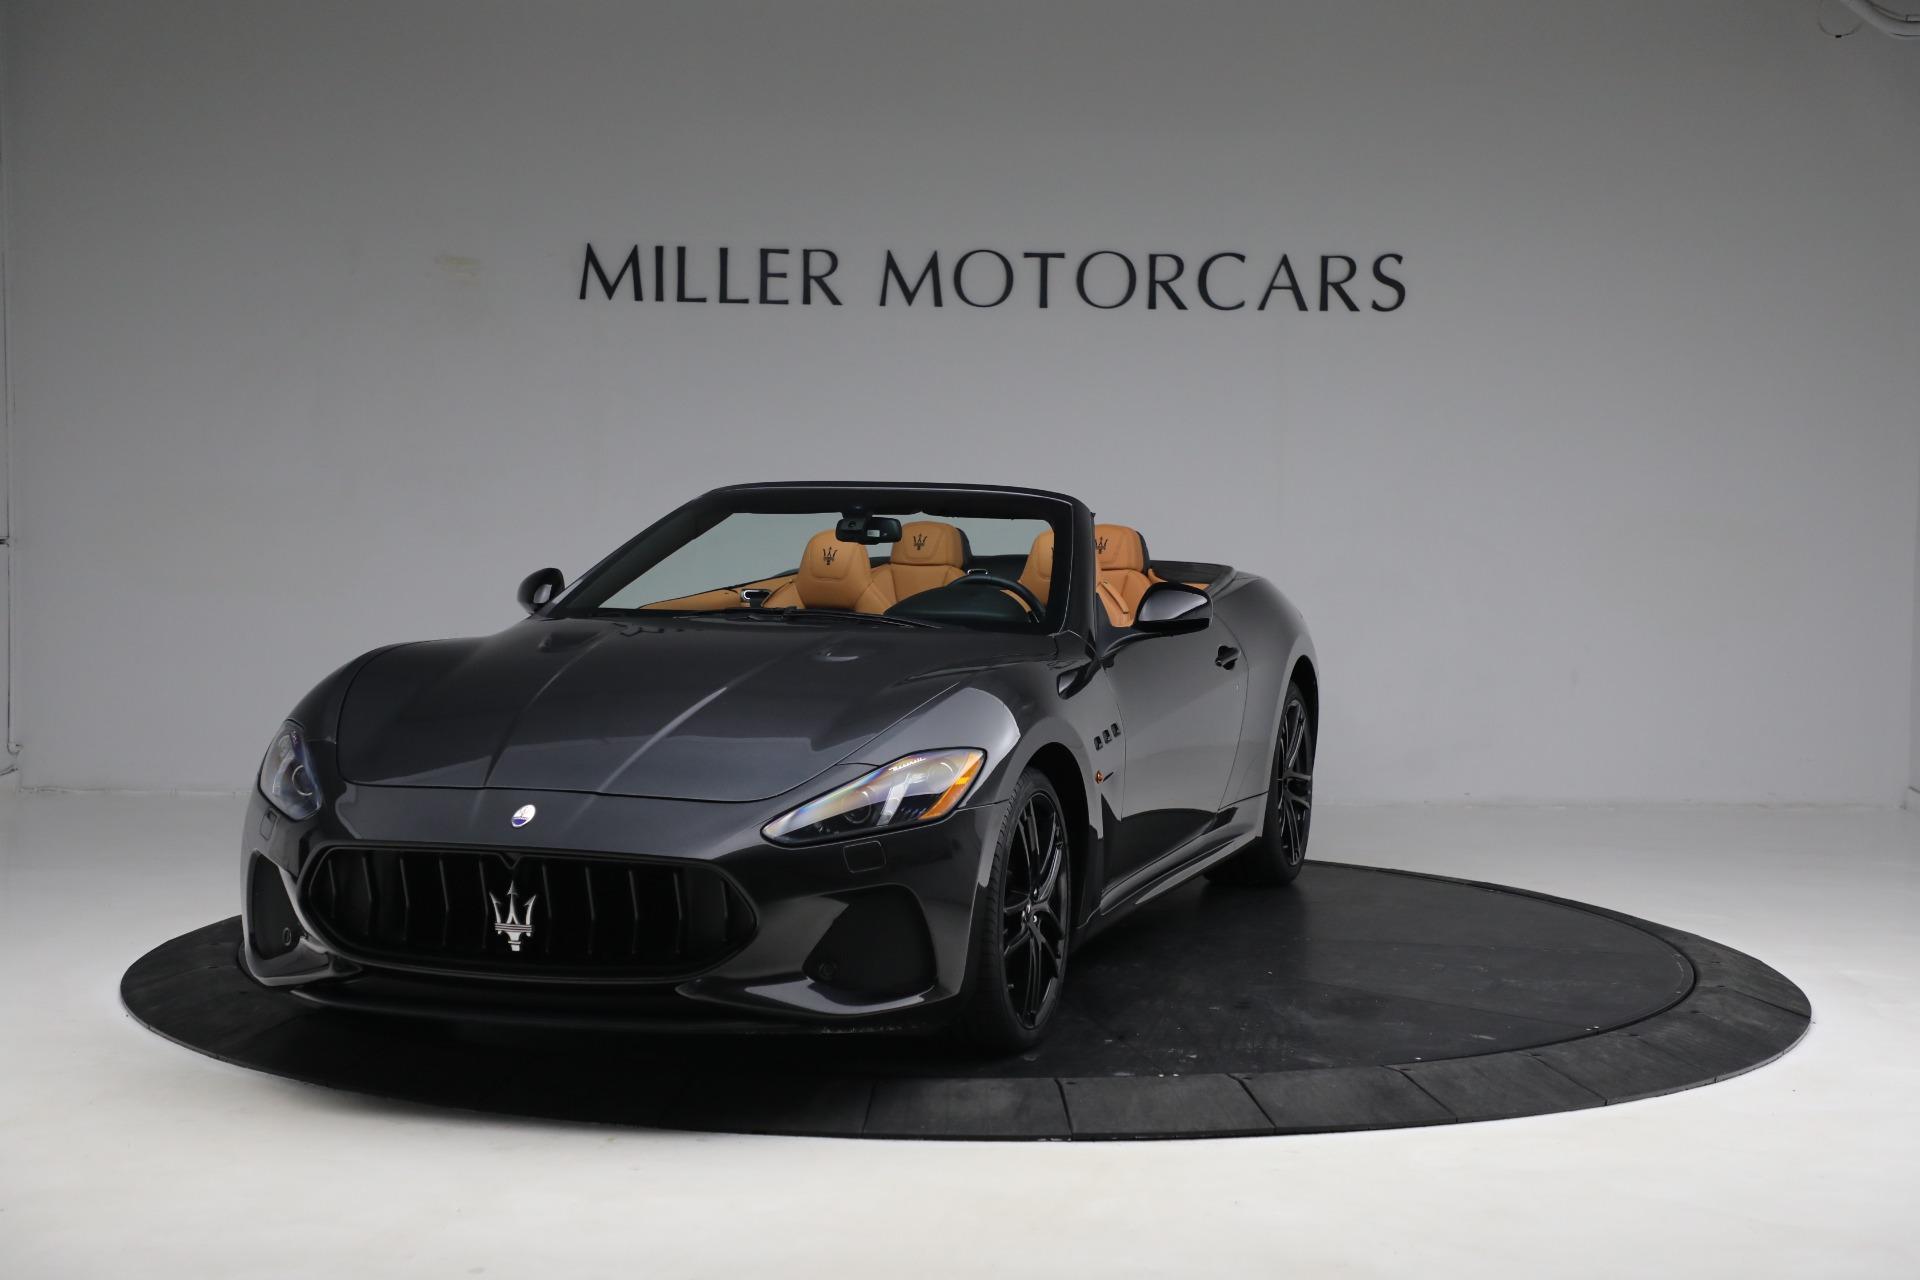 New 2019 Maserati GranTurismo MC Convertible for sale Sold at Pagani of Greenwich in Greenwich CT 06830 1